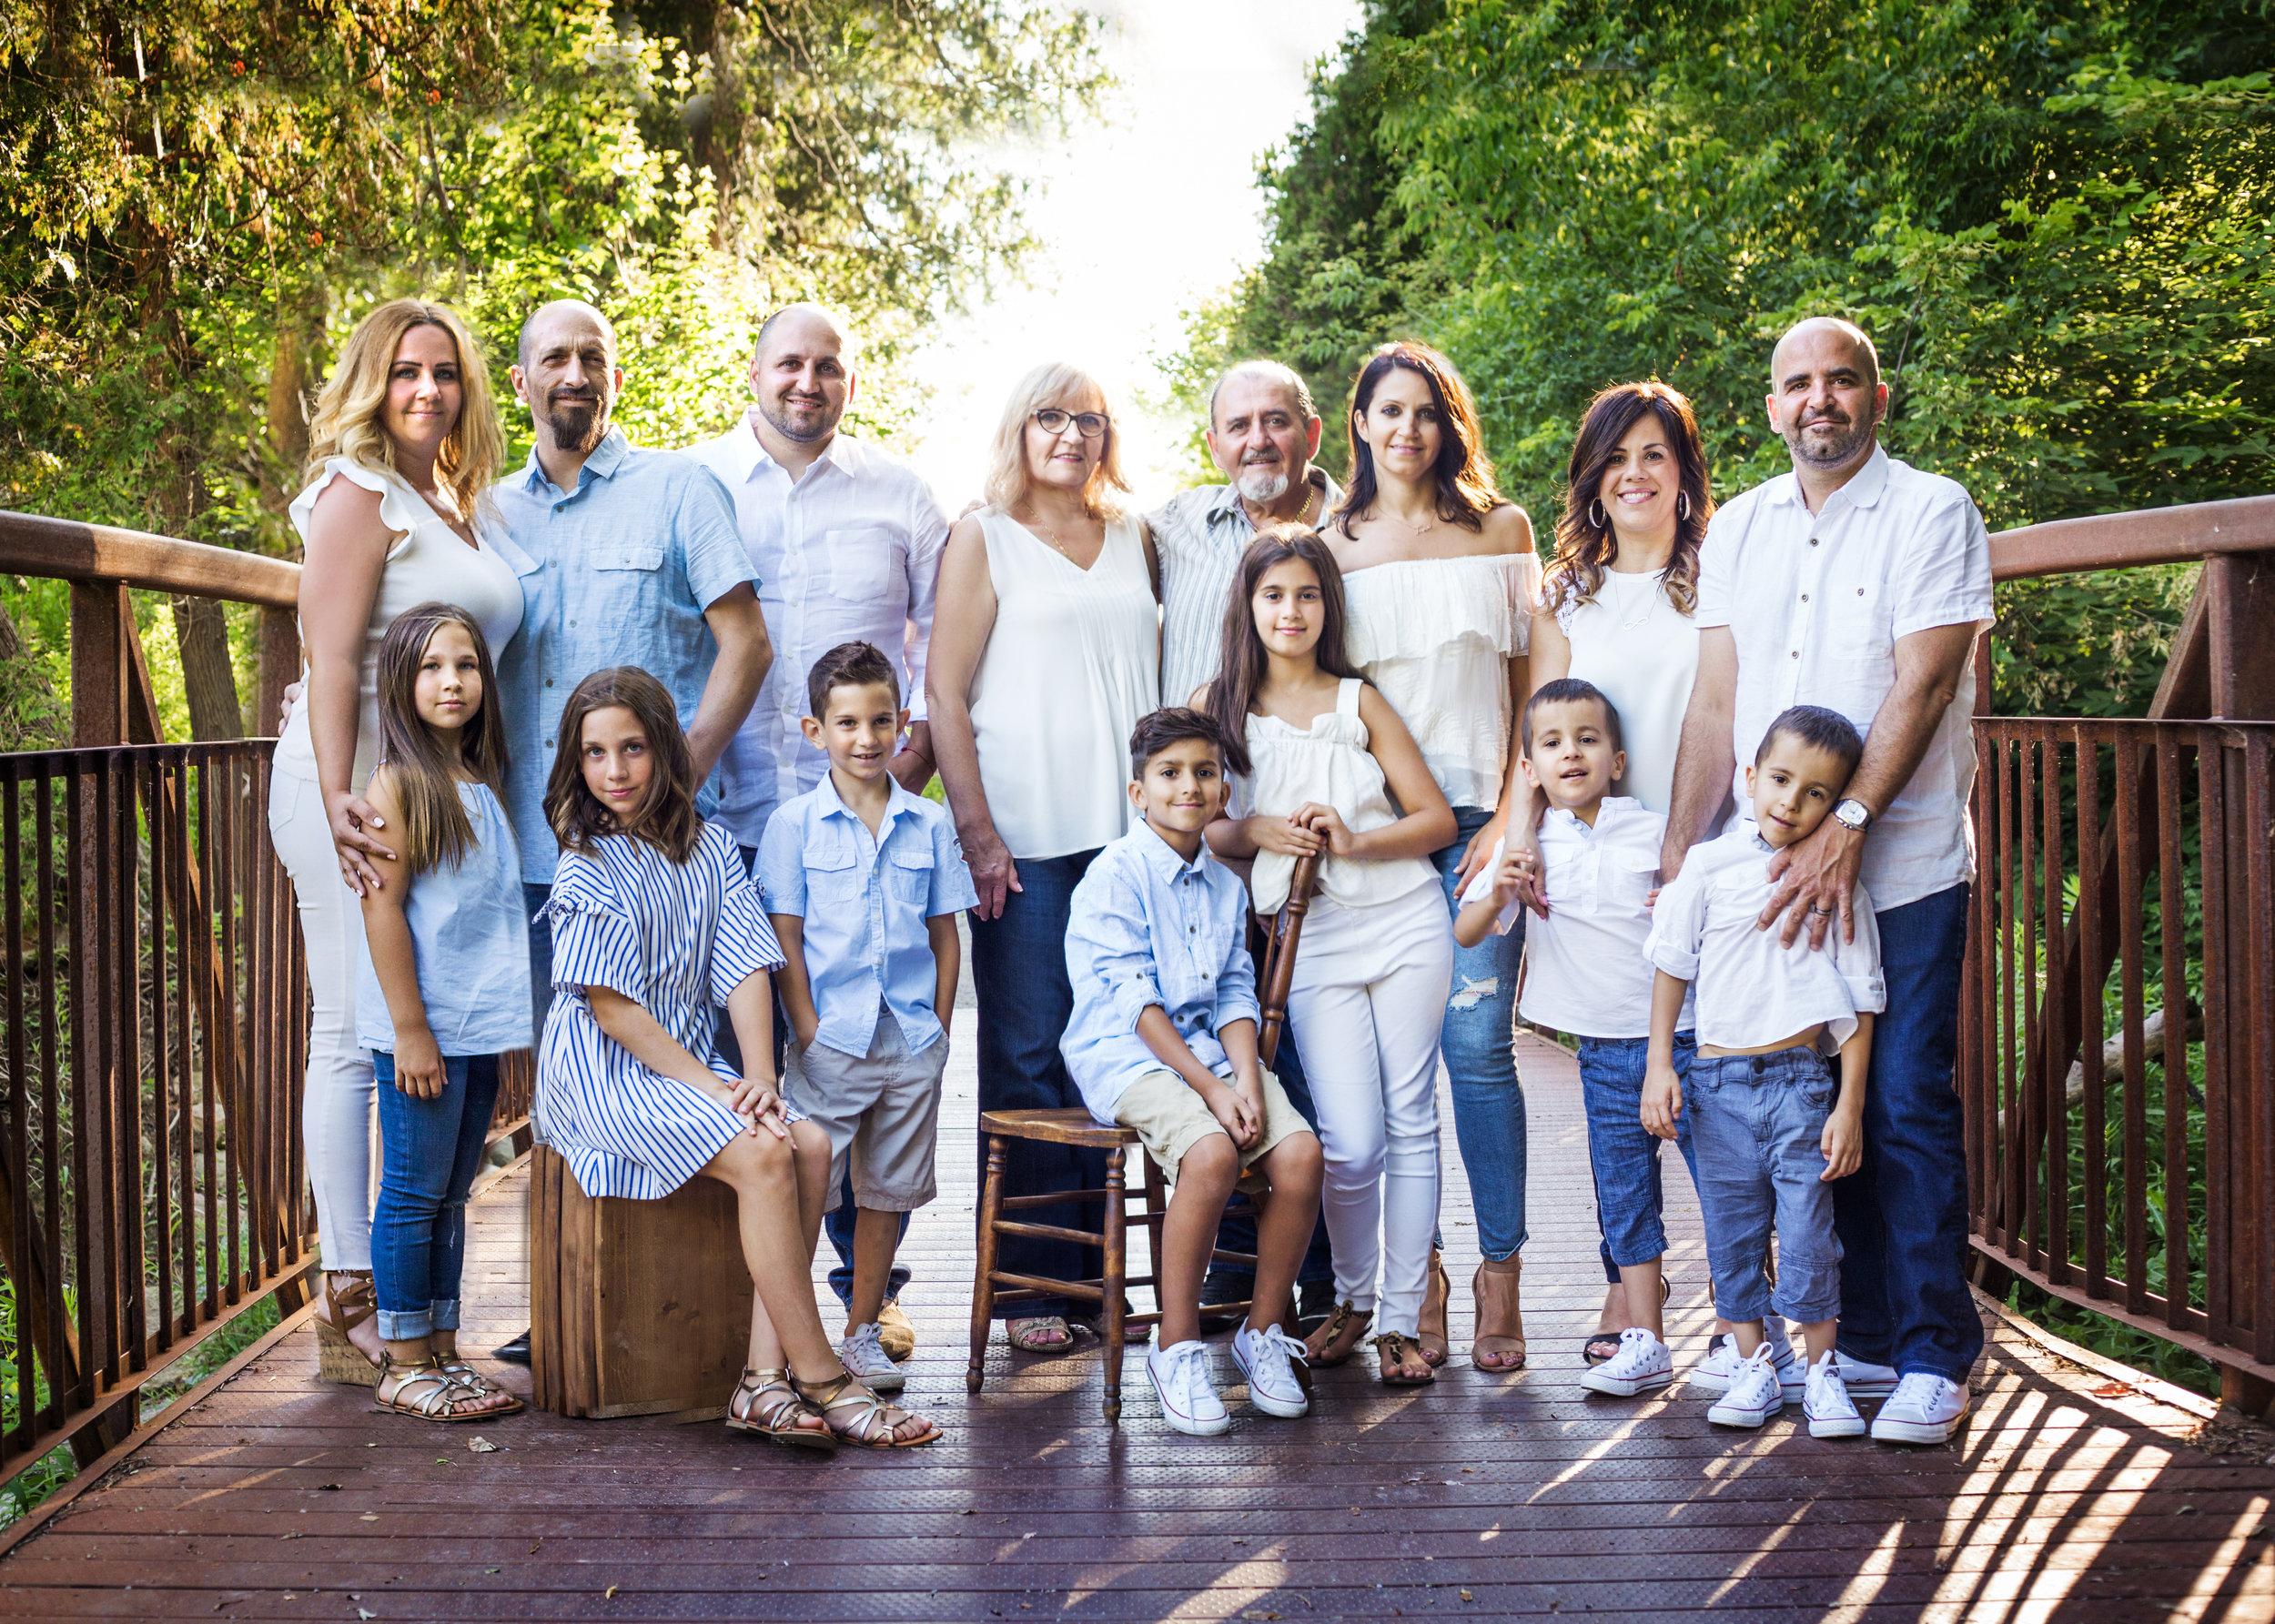 devellis_family-55_1.jpg